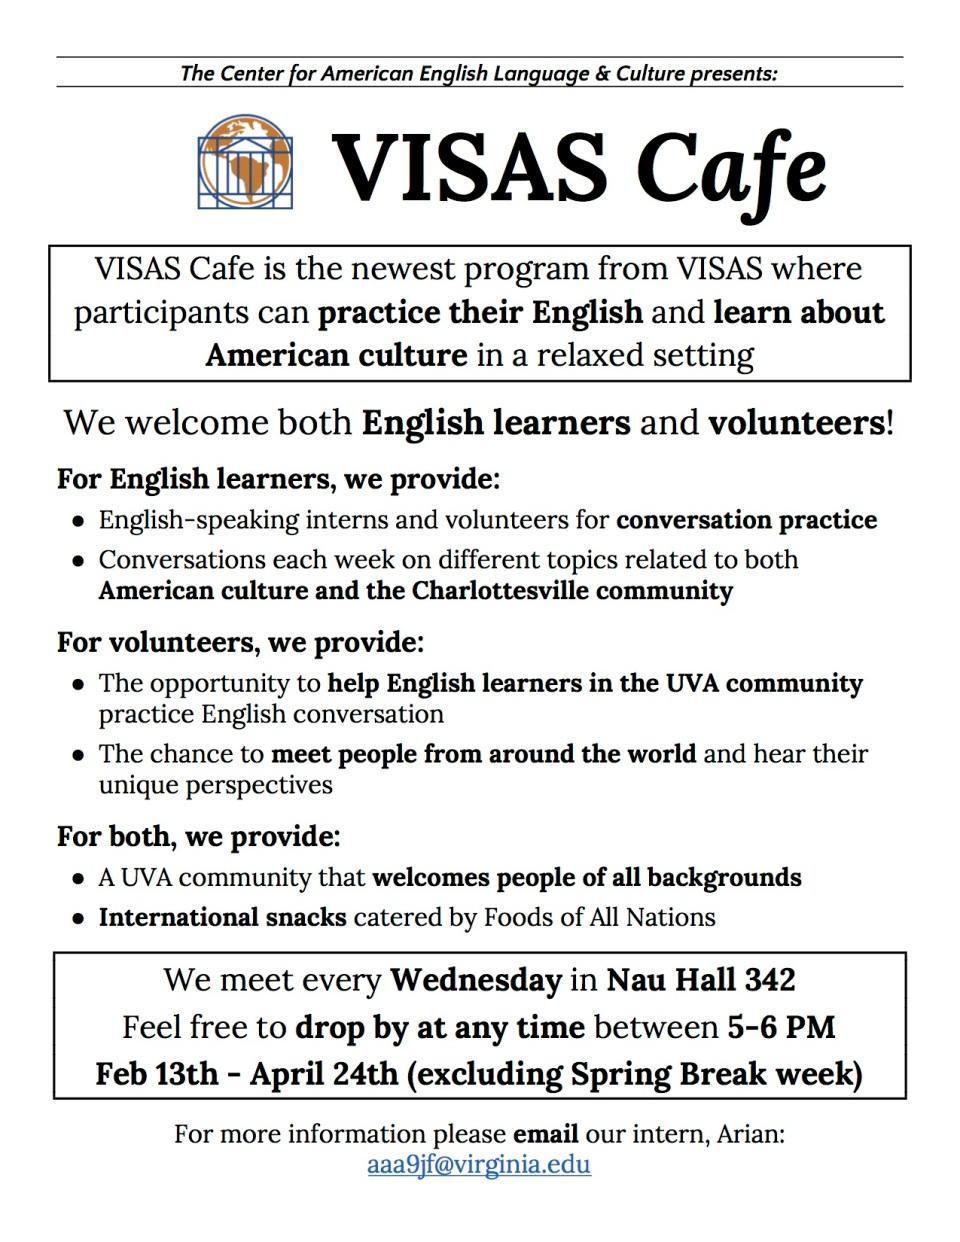 VISAS Cafe Flyer SPRING 2019-2